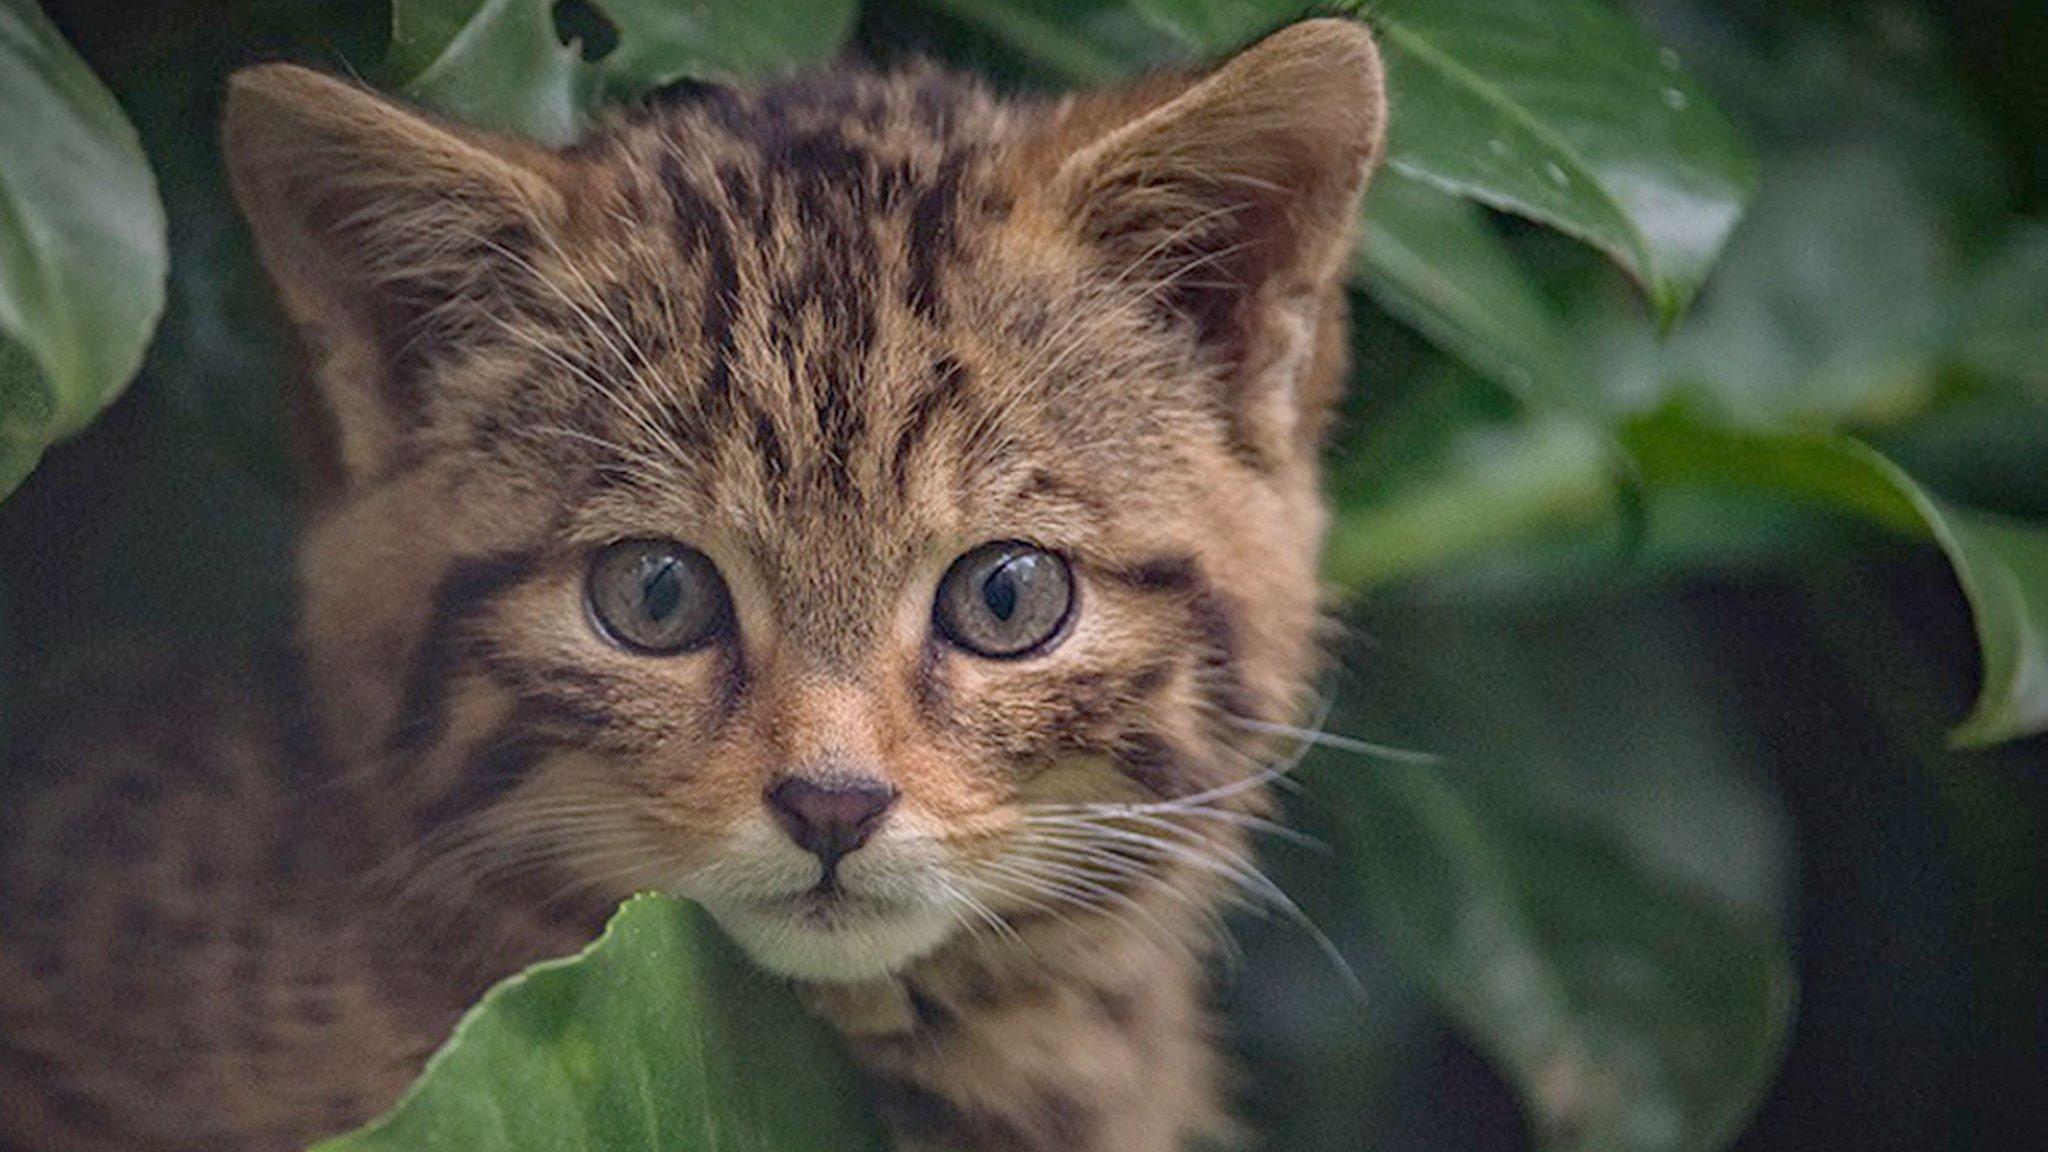 Baby Scottish Wildcat And The Uk S Other Rarest Animals Cbbc Newsround